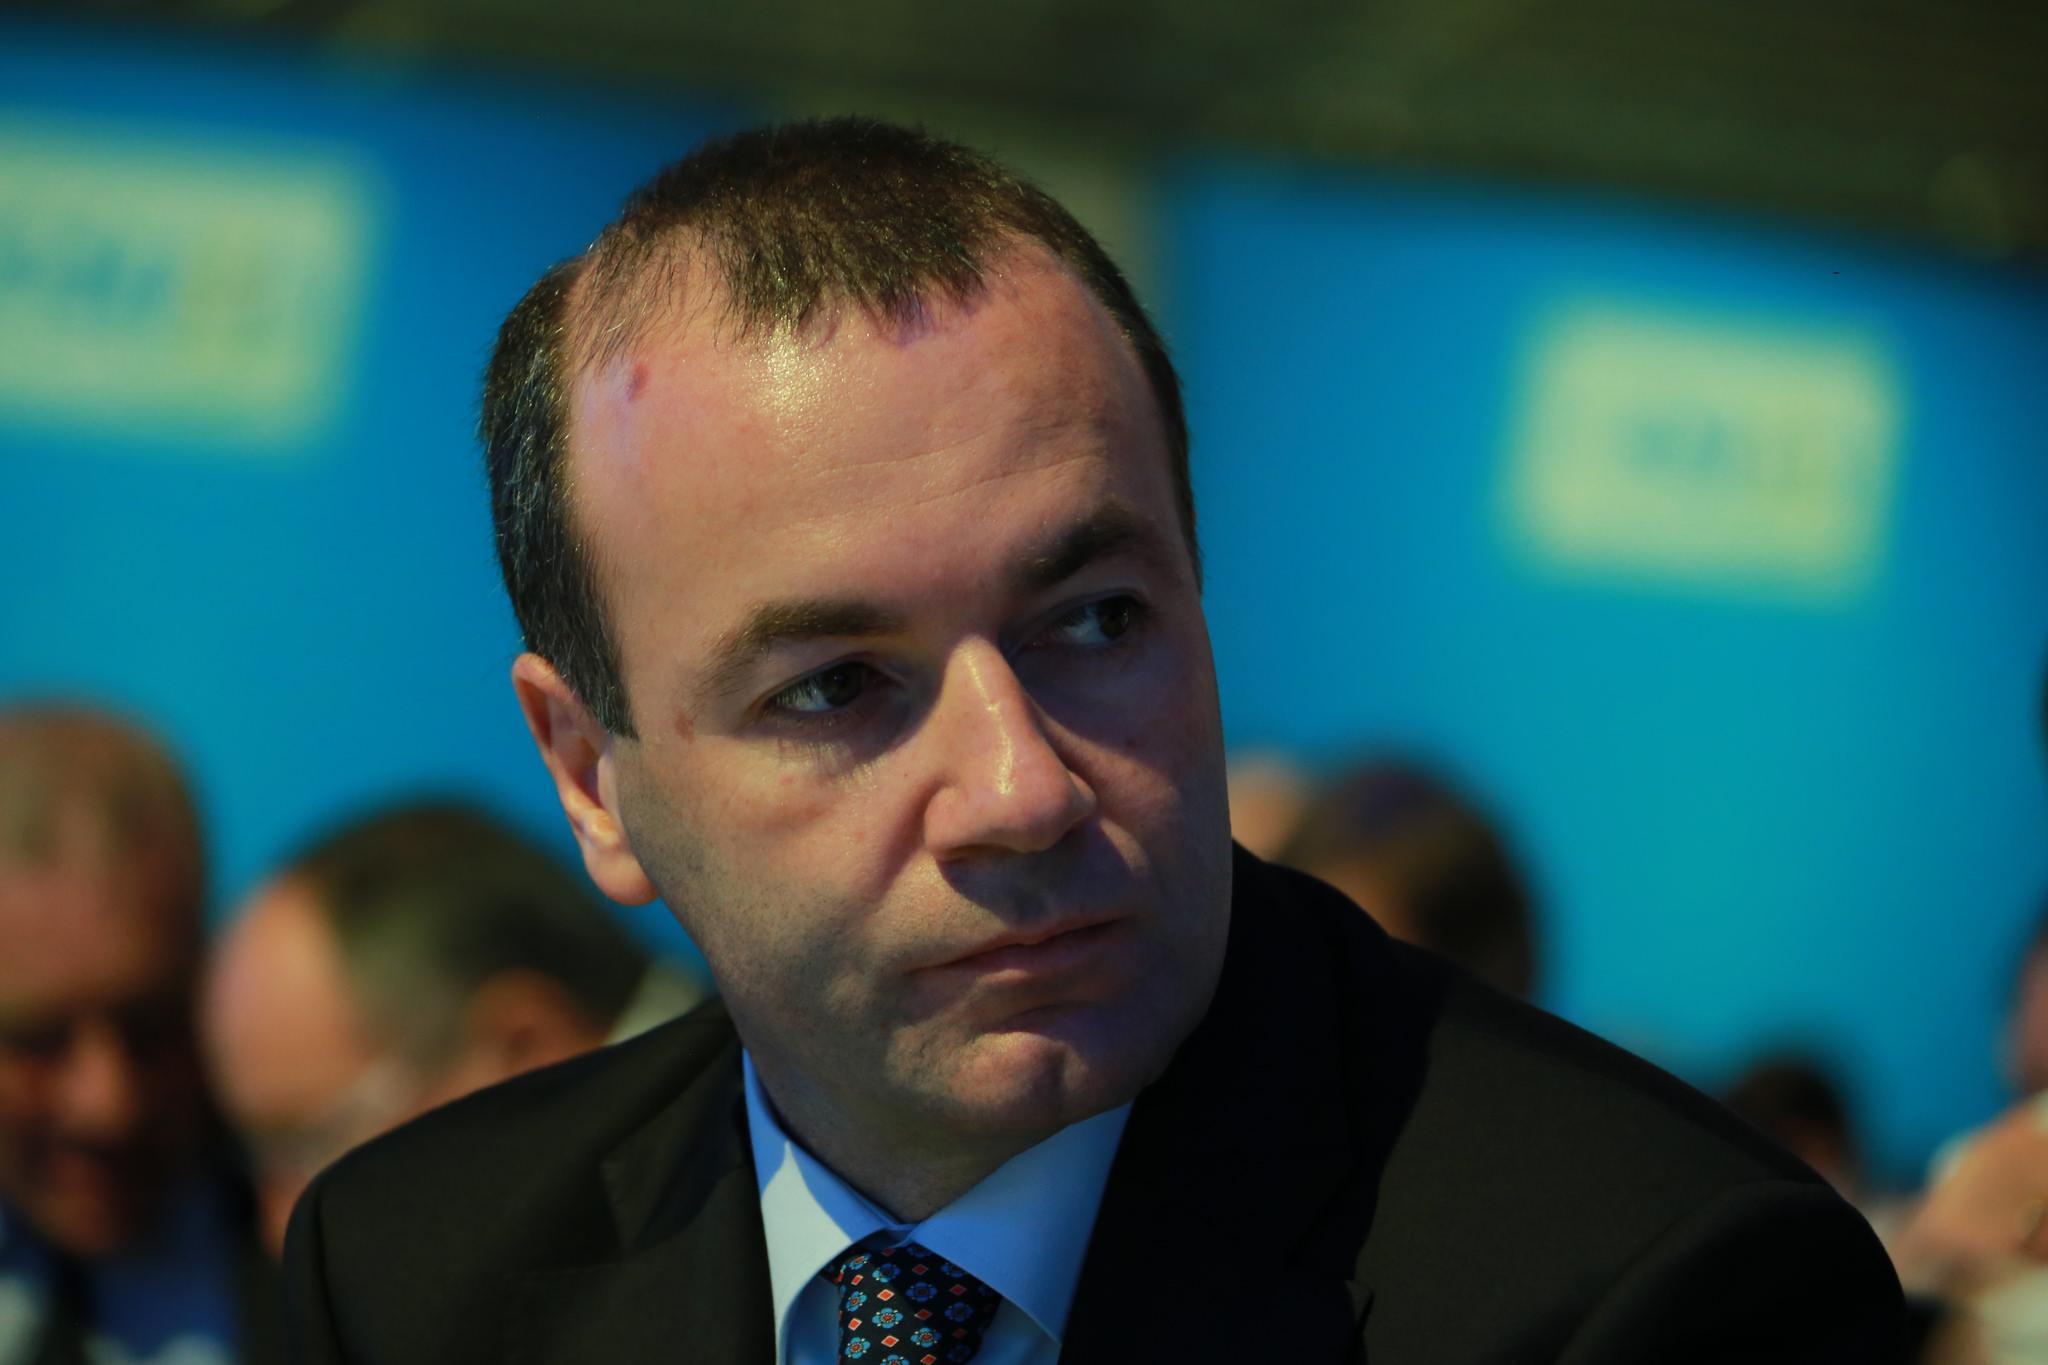 Der Fraktionsvorsitzende der Europäischen Volkspartei (EVP), Manfred Weber, ist gegen eine EU-Mitgliedschaft der Türkei.